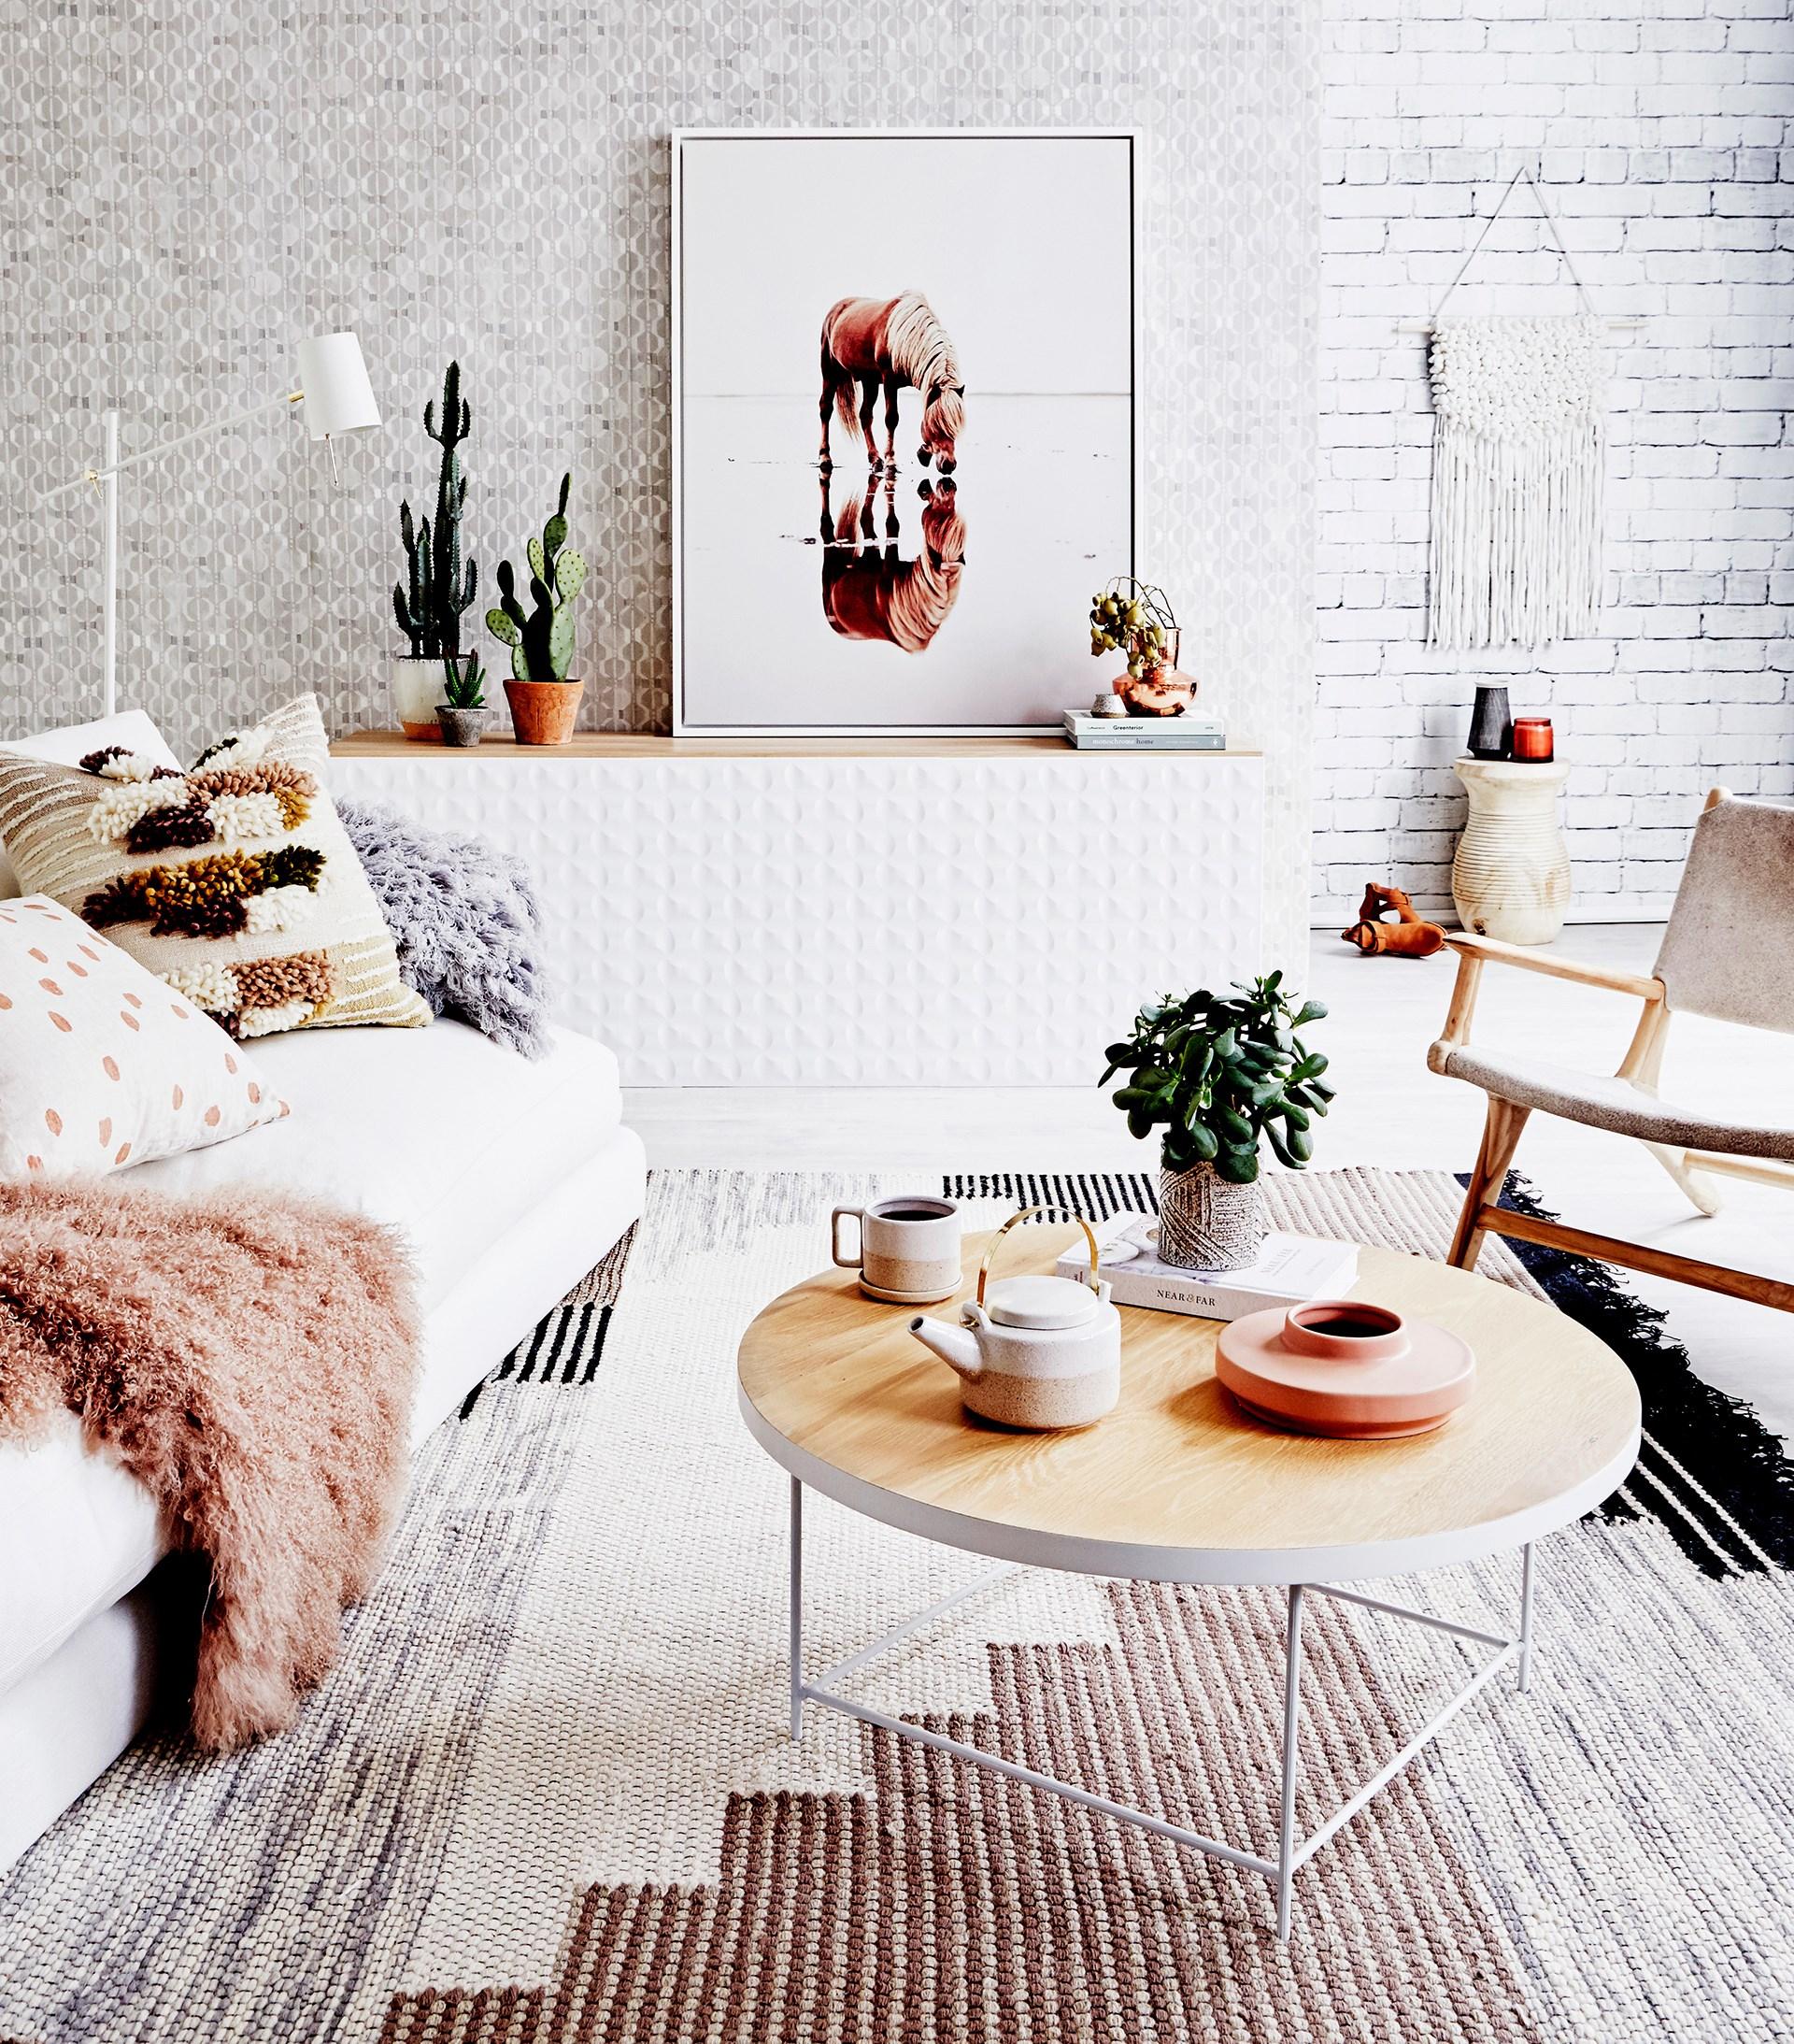 6 interieurtips voor kleine, chique woonkamers - Alles om van je ...